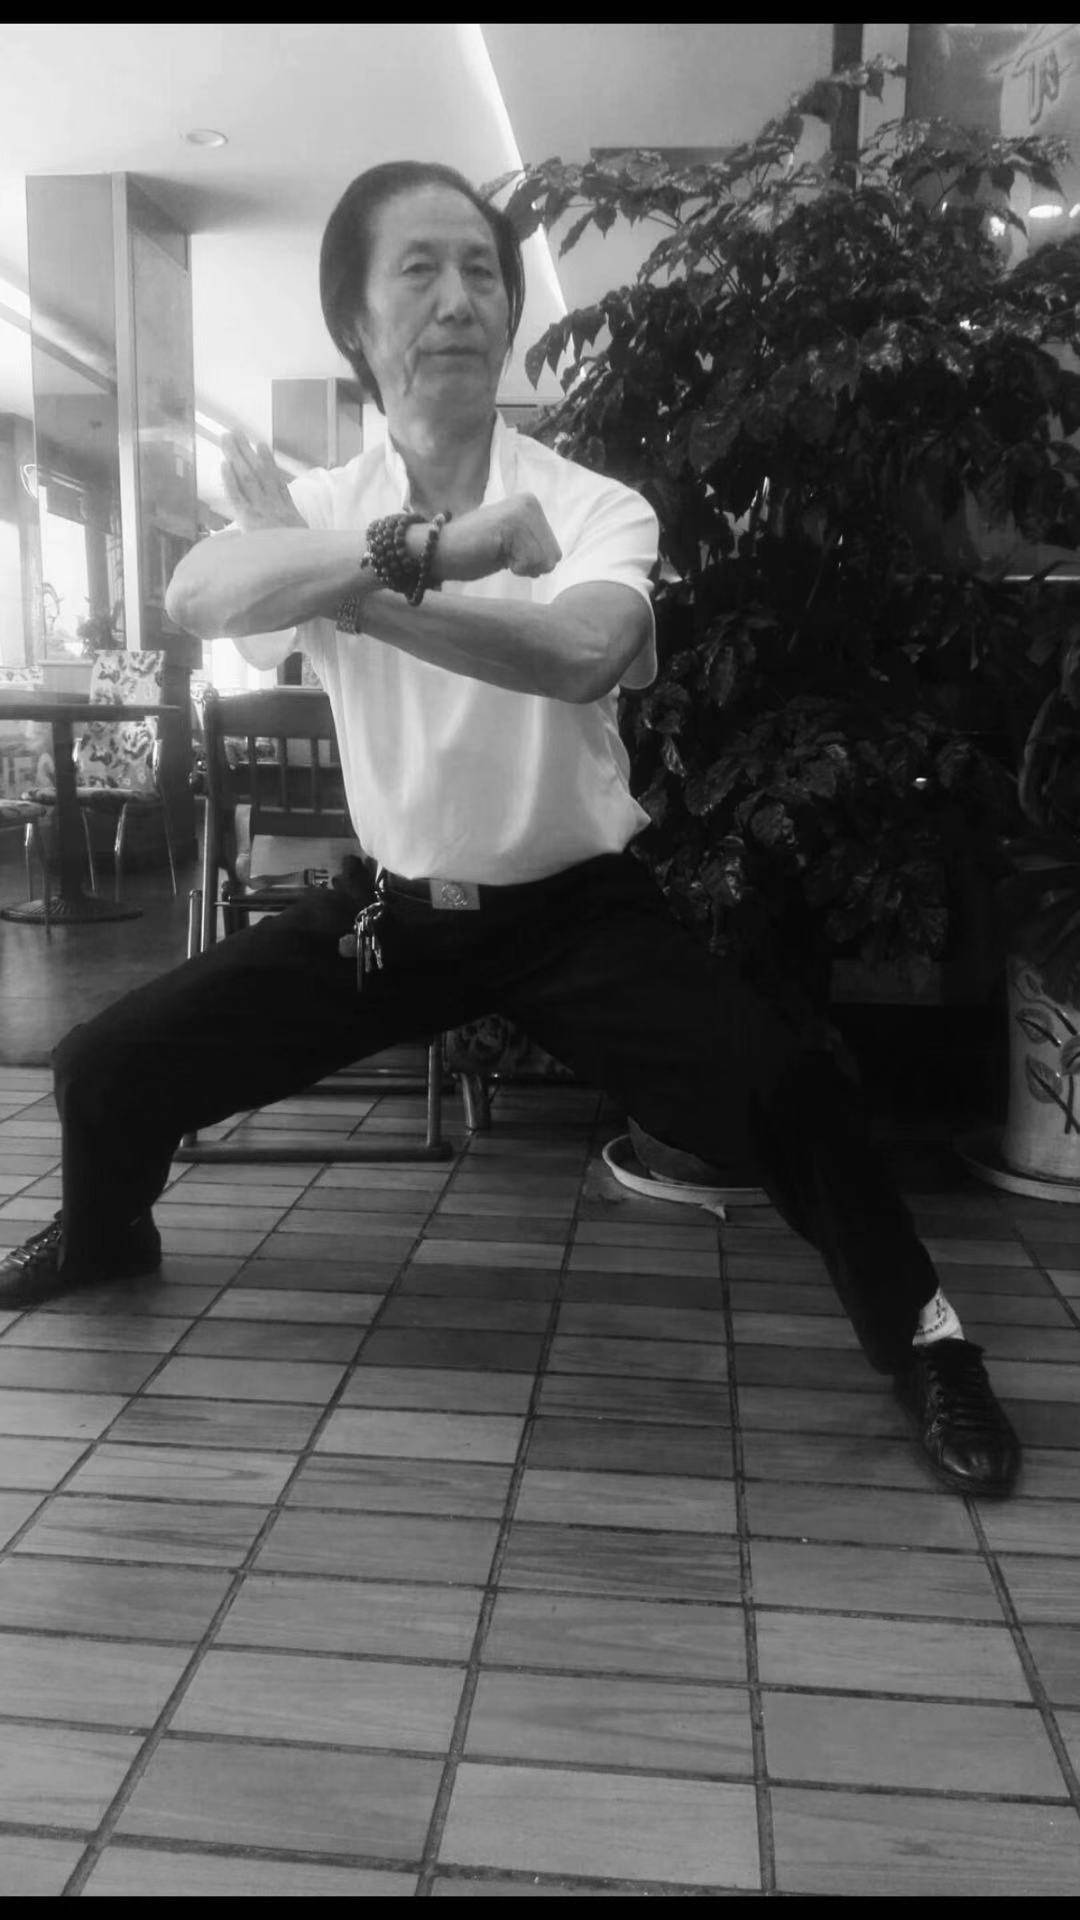 又一位武术大师威震江湖!76岁螳螂拳高手实战能力远胜马保国